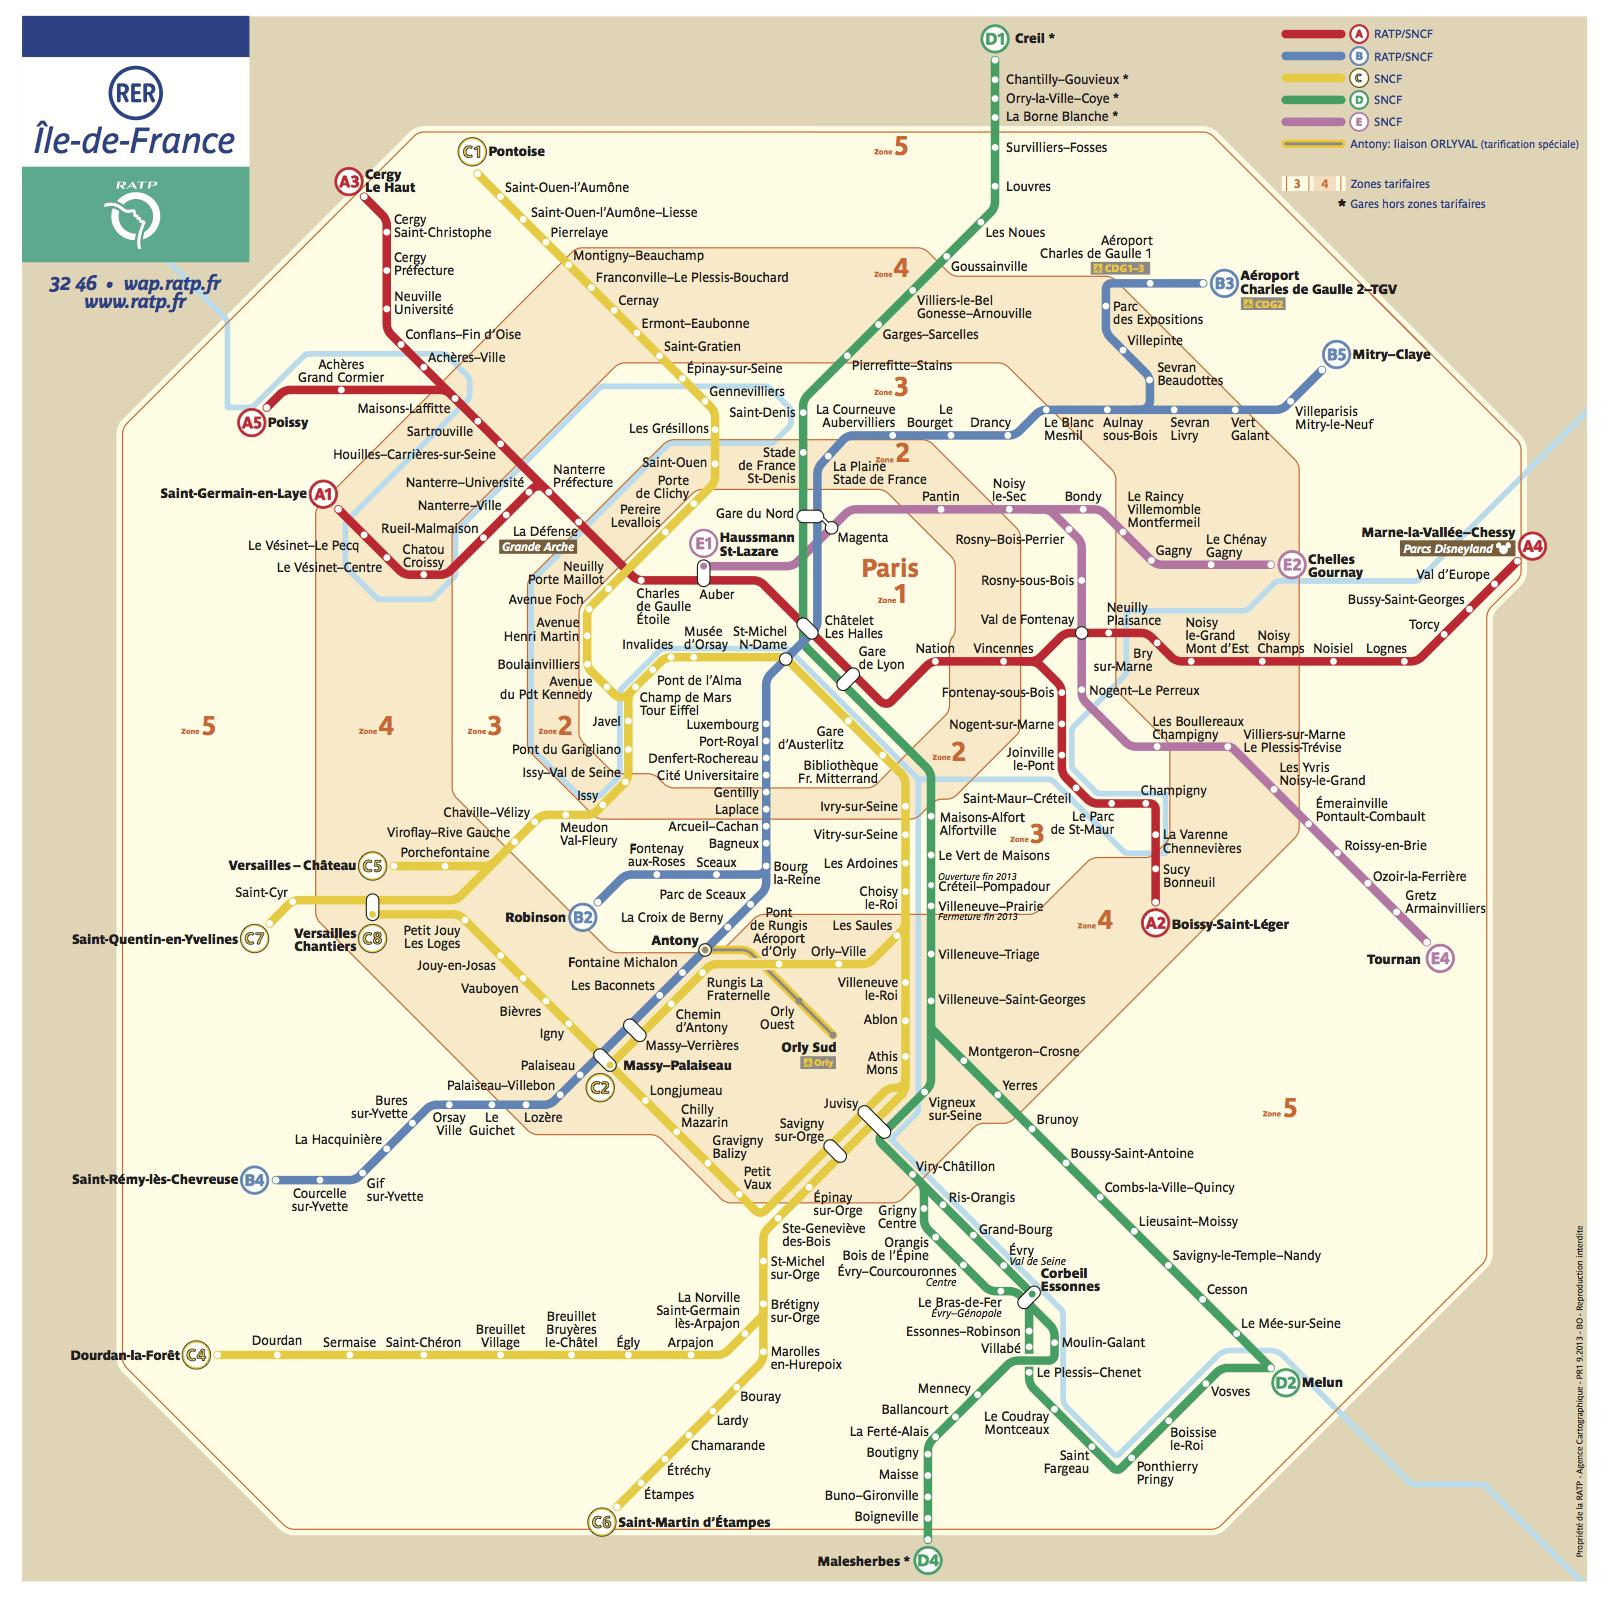 法國巴黎RER地鐵圖 photo by parisbytrain